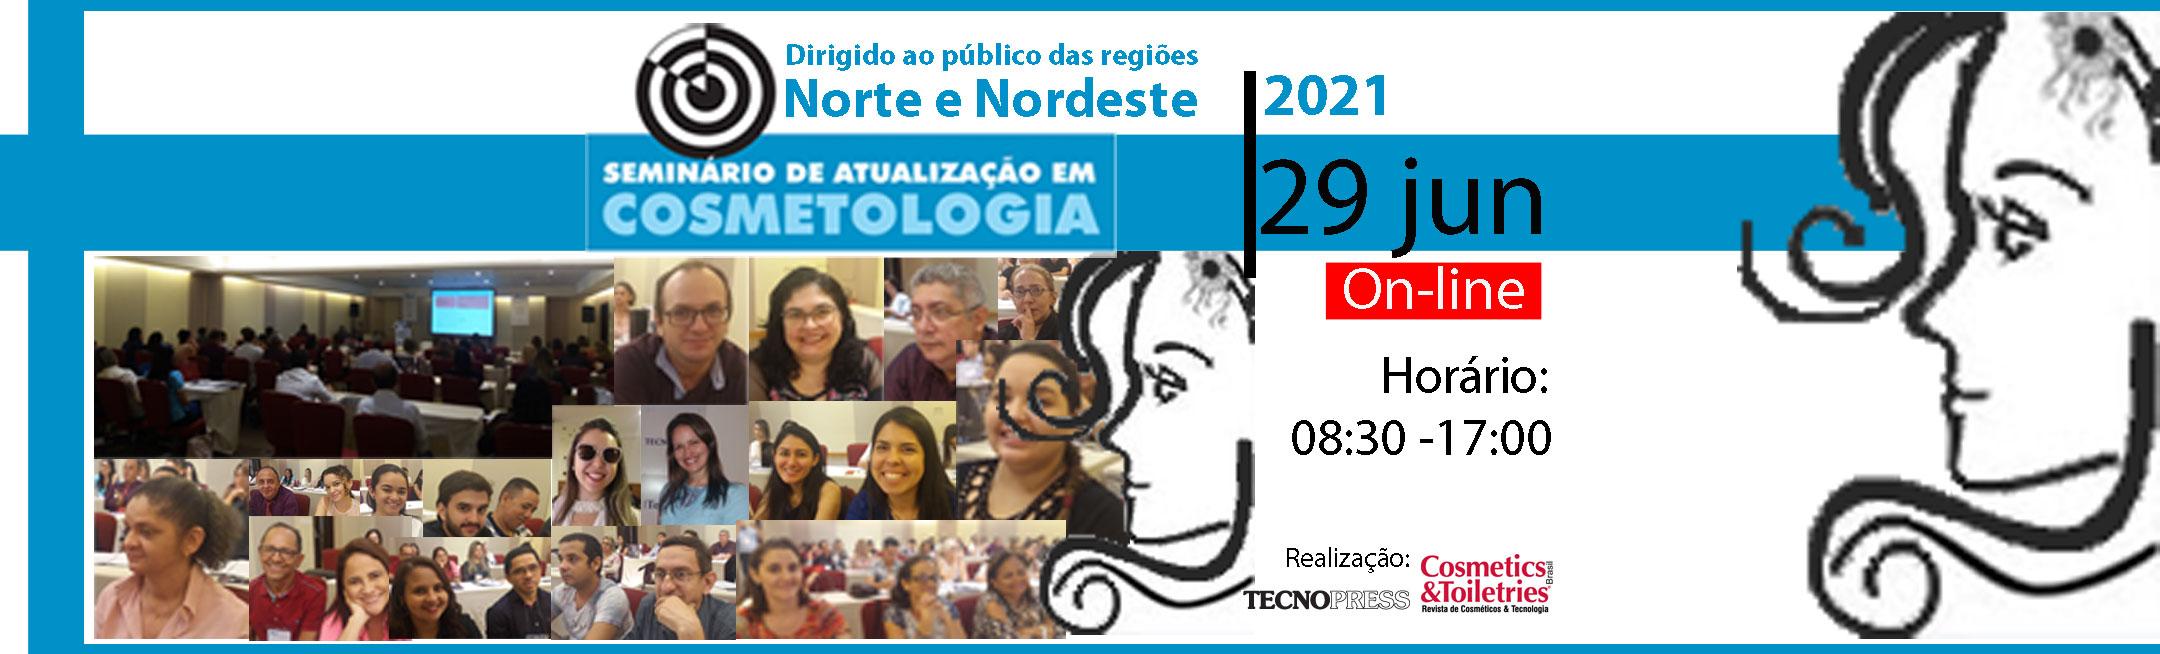 Seminário de Atualização em Cosmetologia Norte_Nordeste